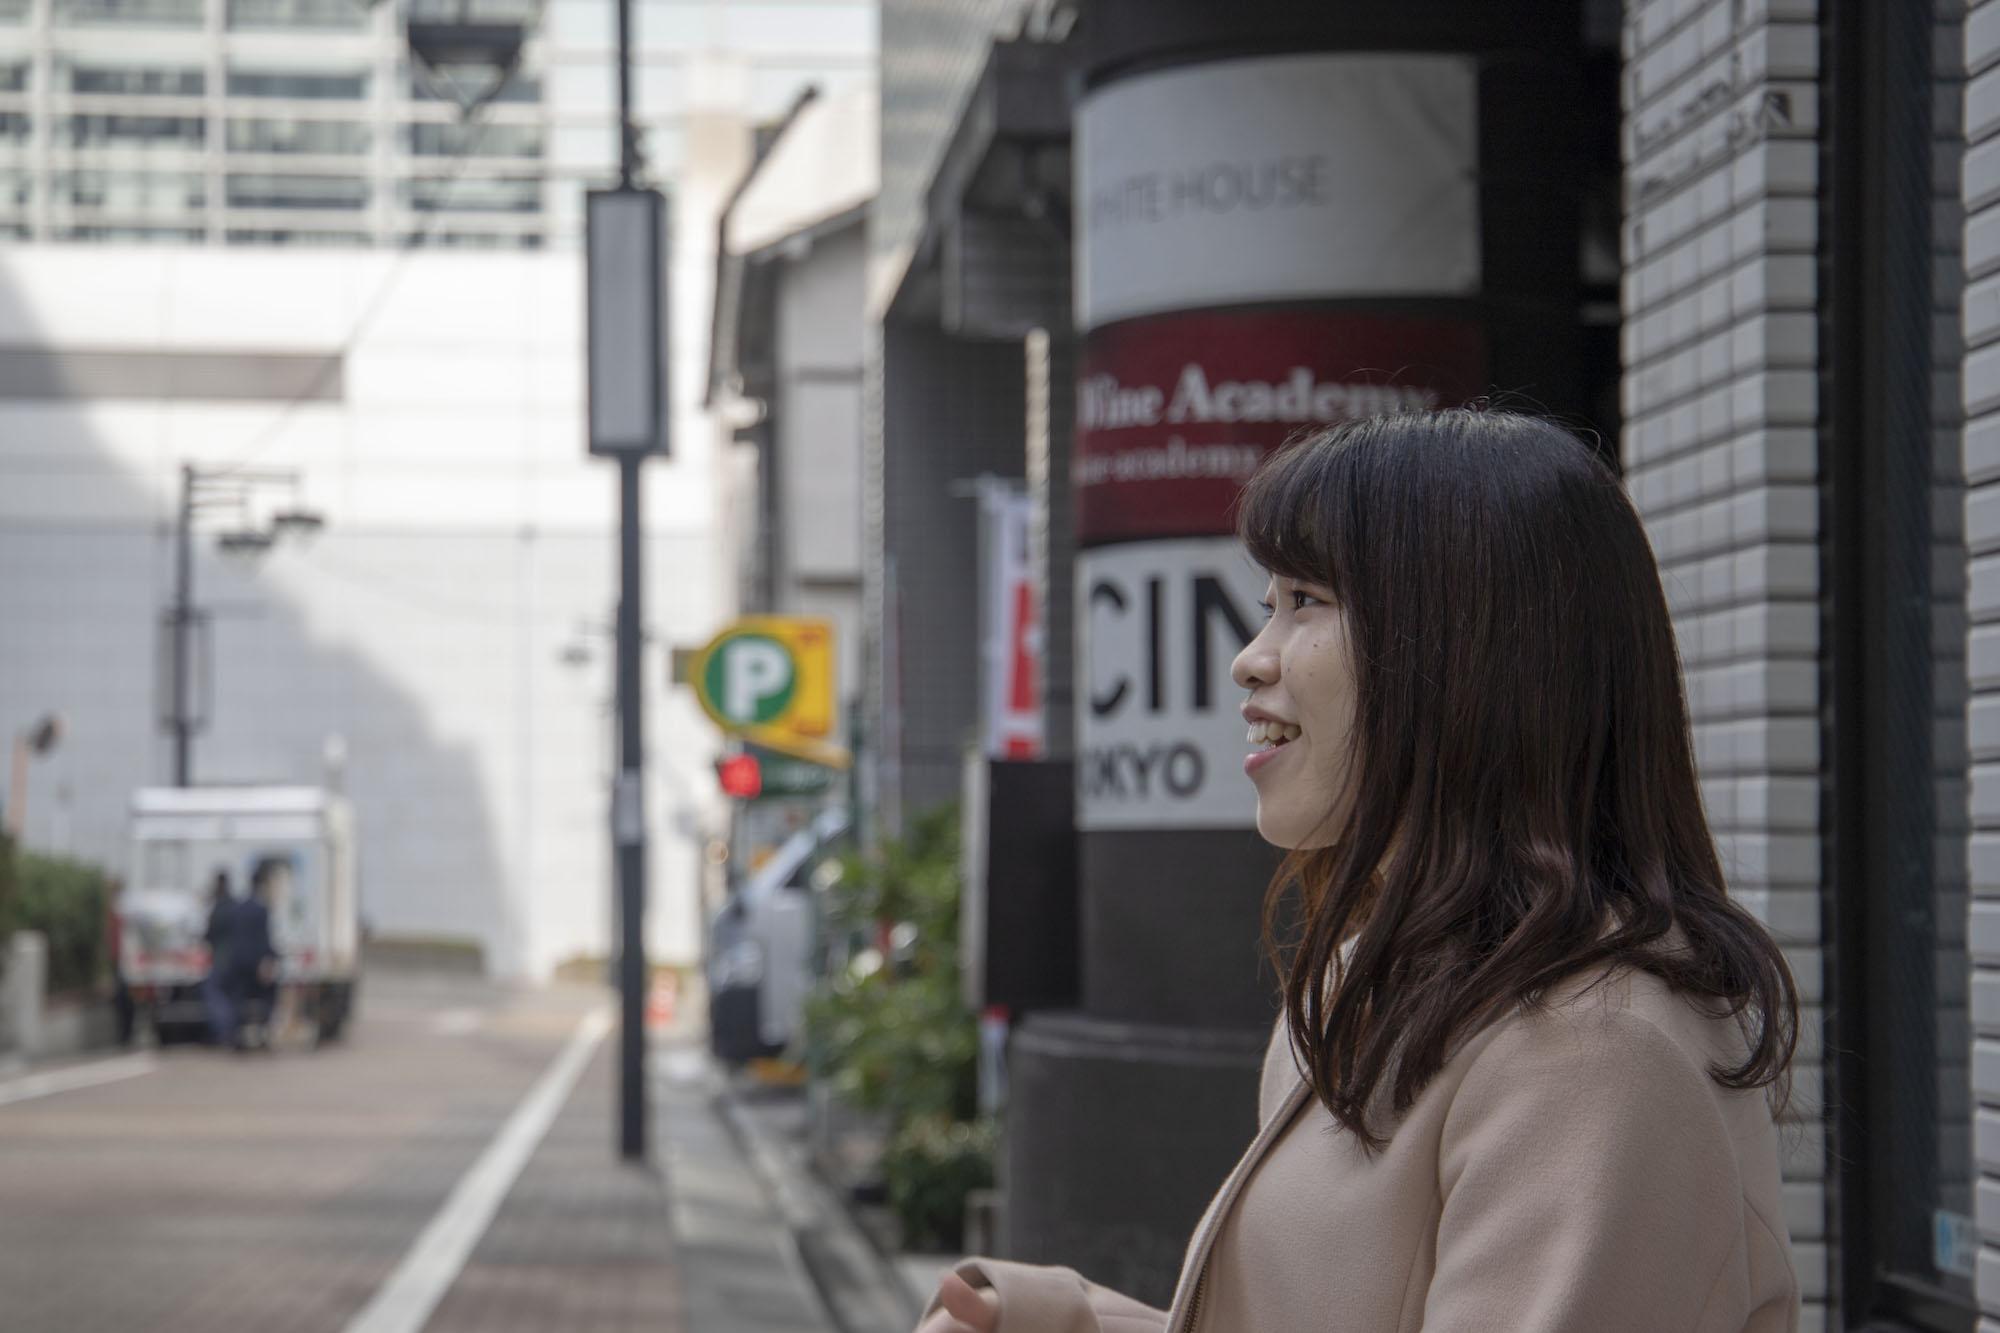 挑戦すると決めたら、視界が変化した——慶應大学・岡根歩美の #長期インターン体験記